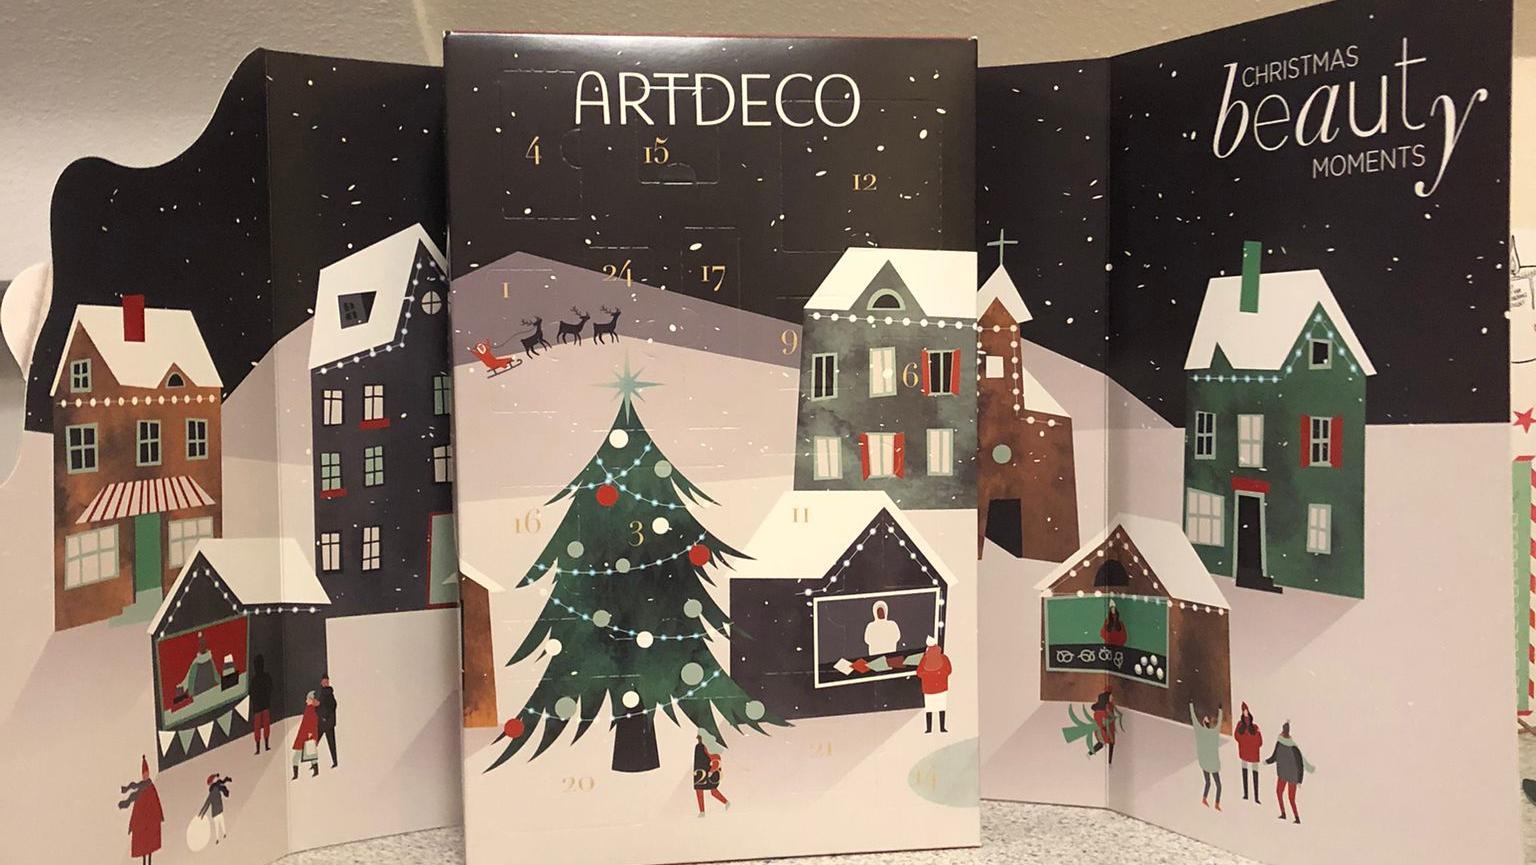 der-artdeco-adventskalender-2021-hat-einen-weihnachtlichen-look